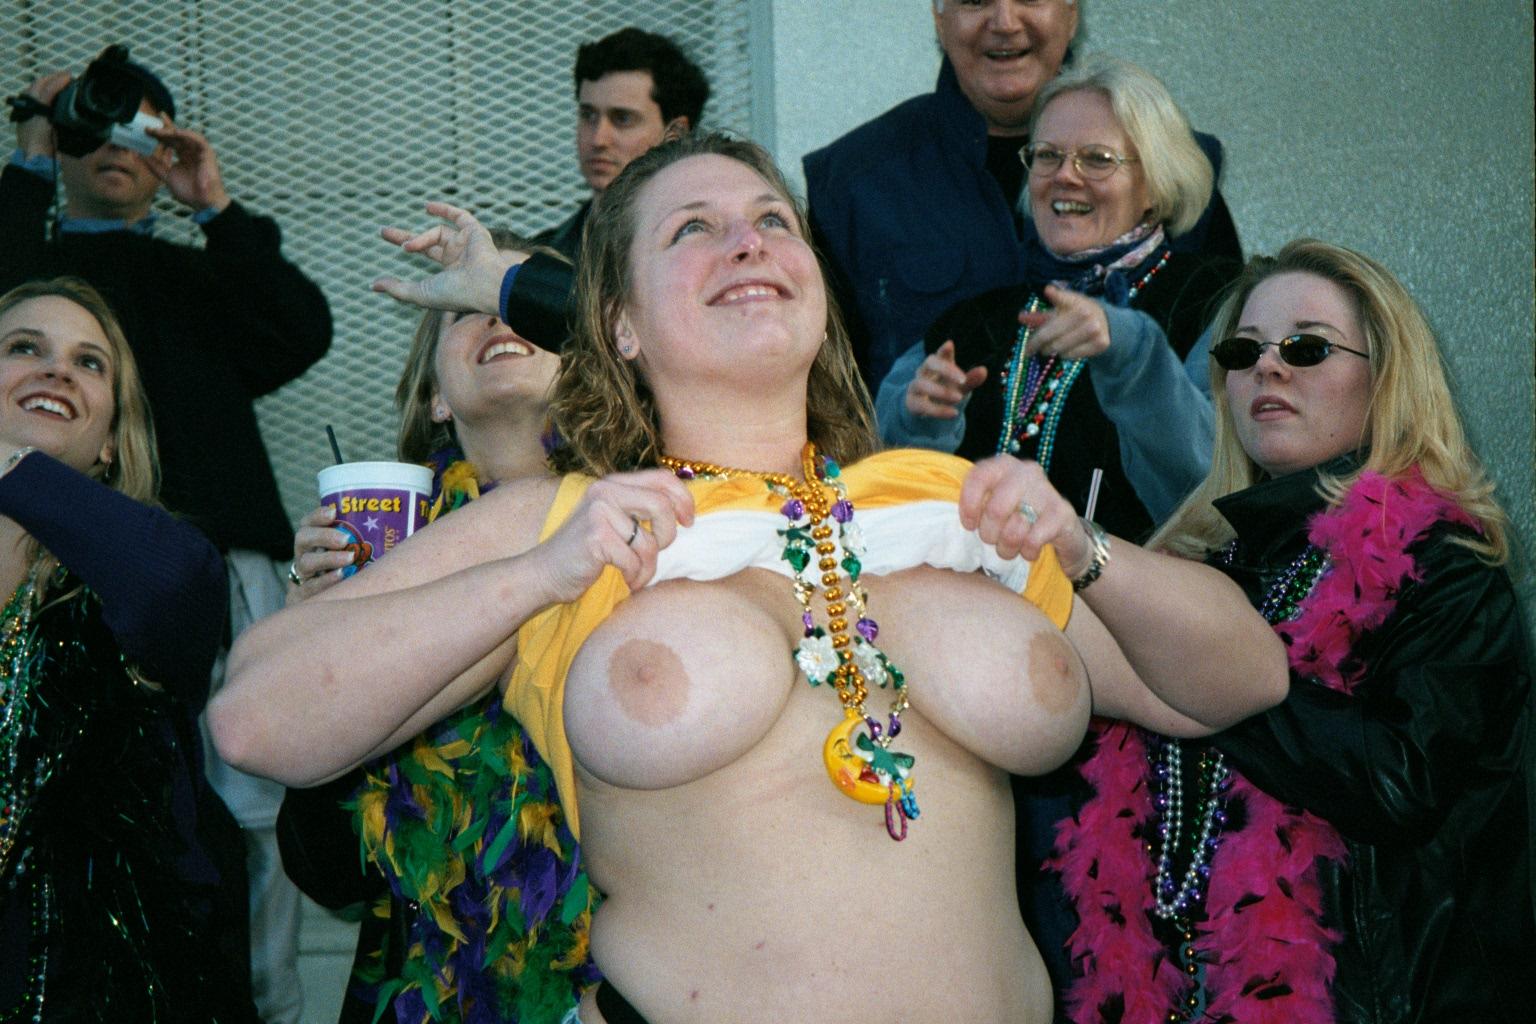 Mardi gas flassing boob